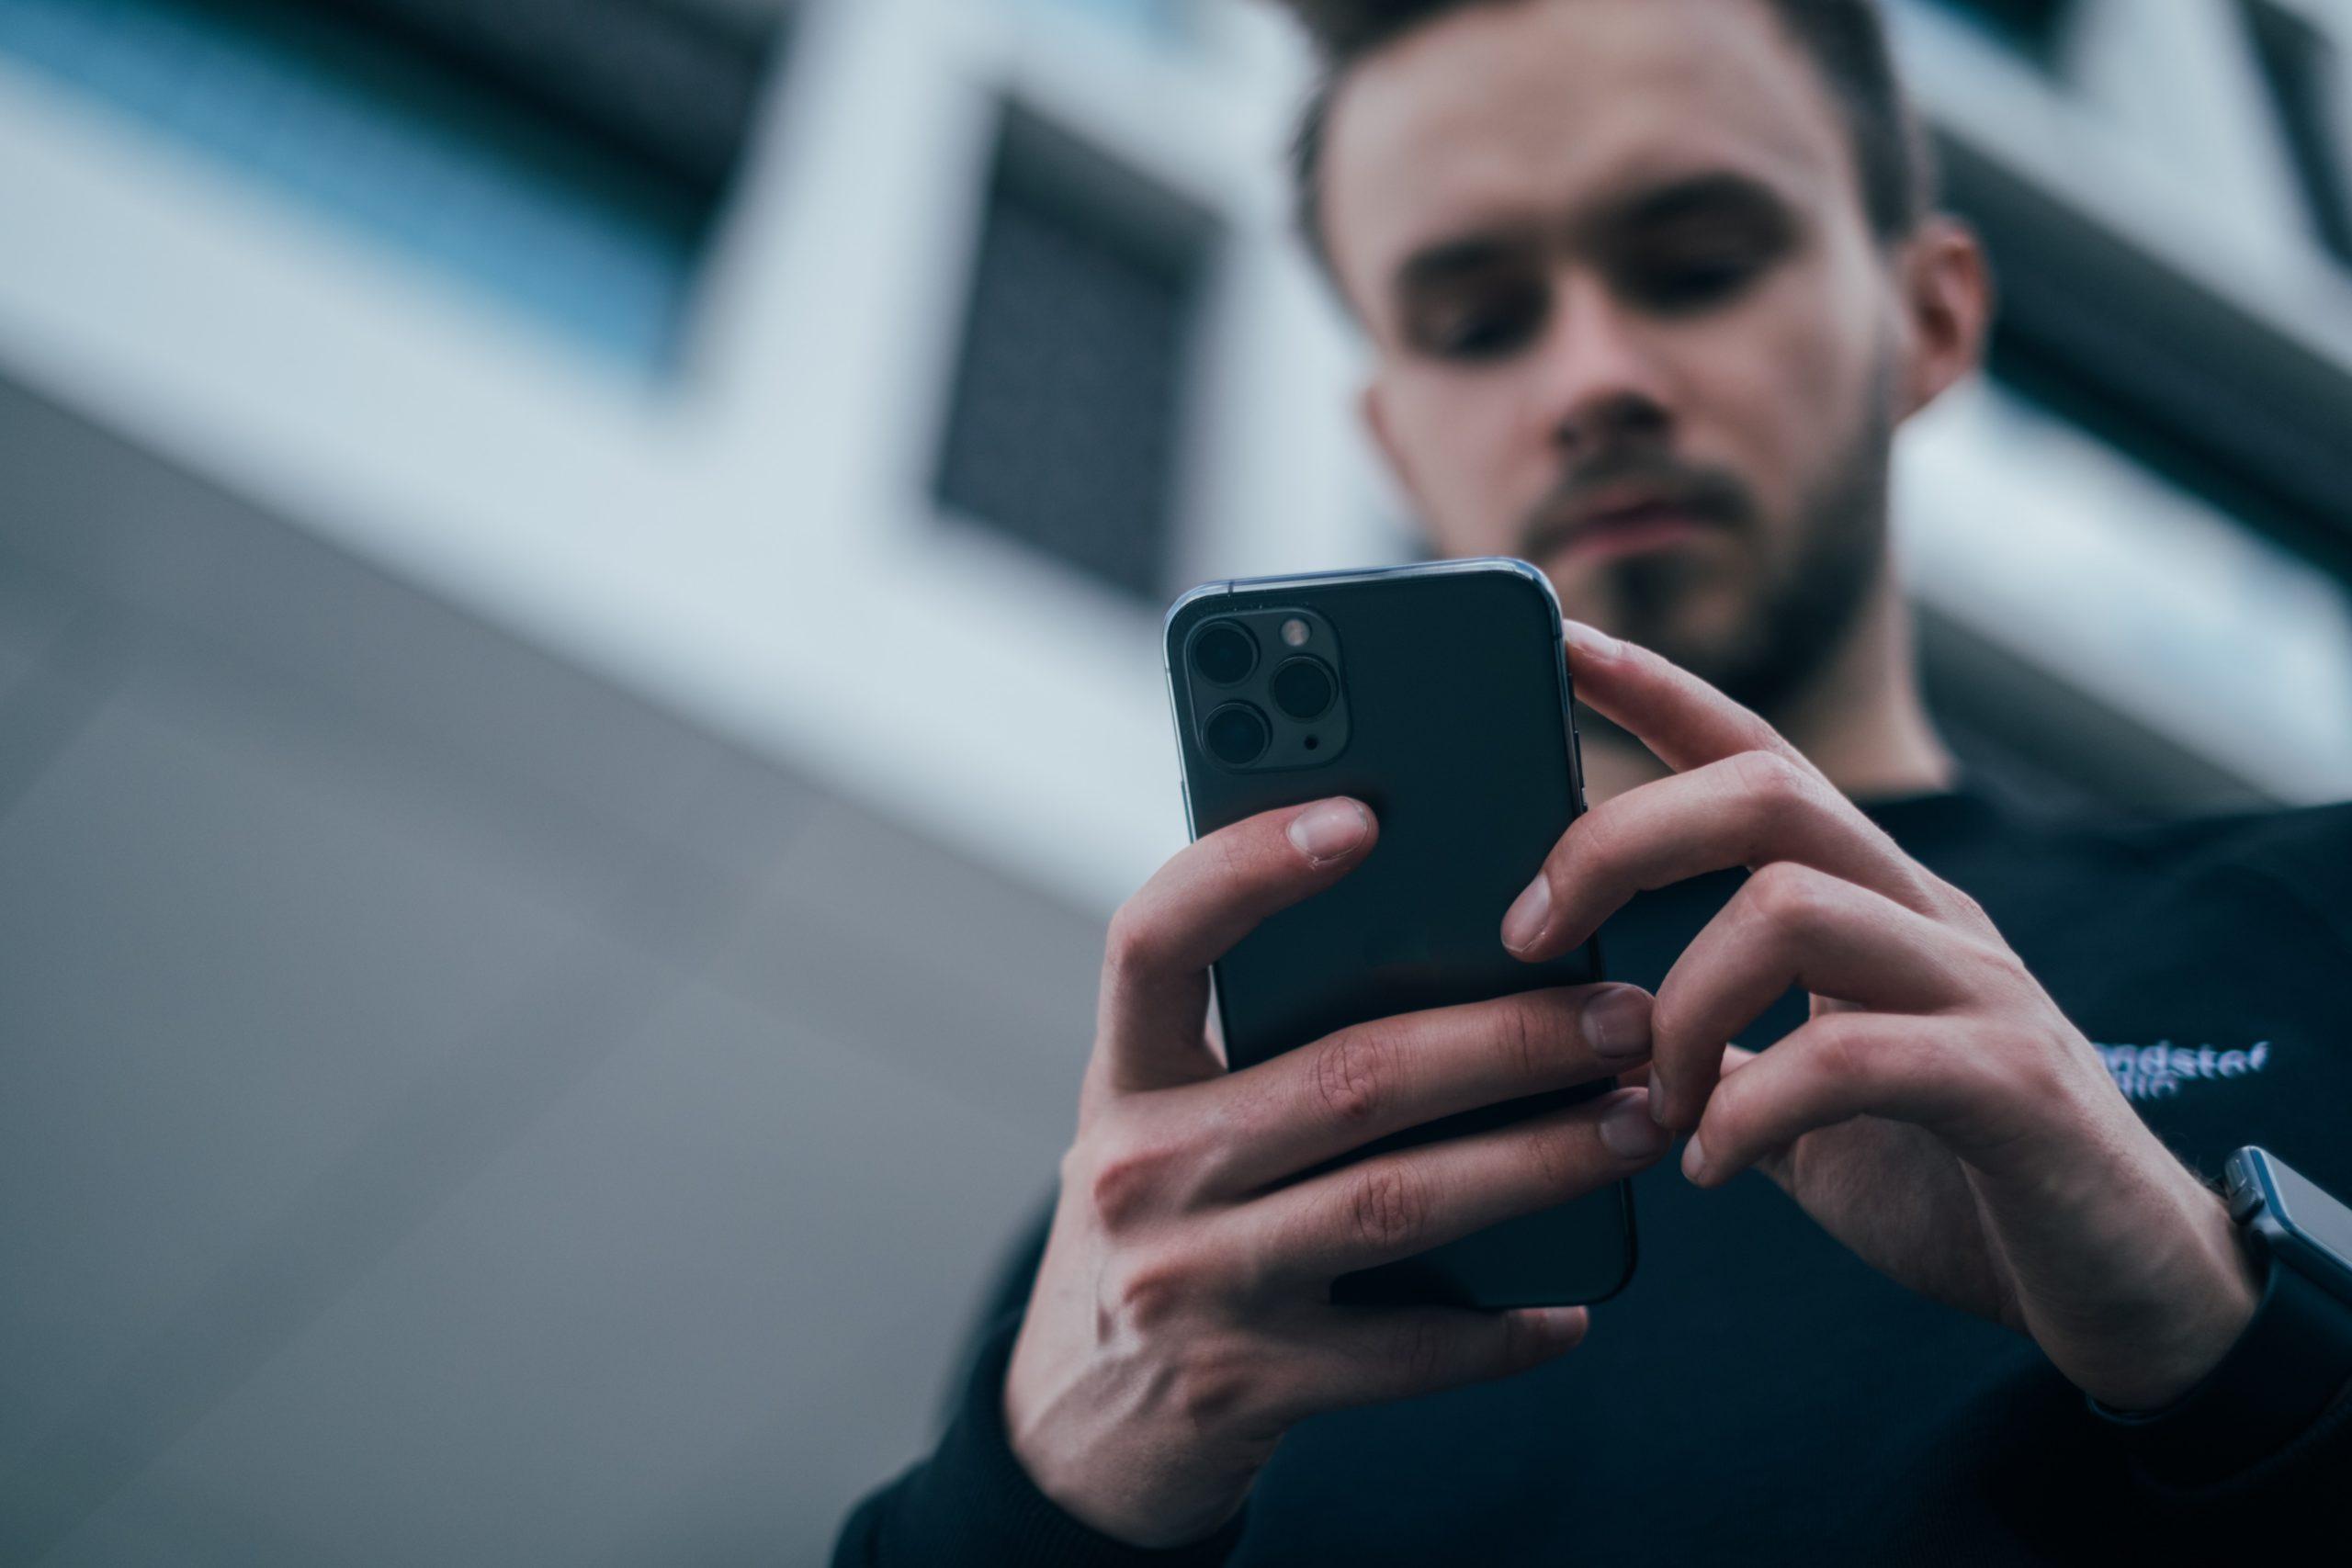 Notificaciones móvil minimalismo digital